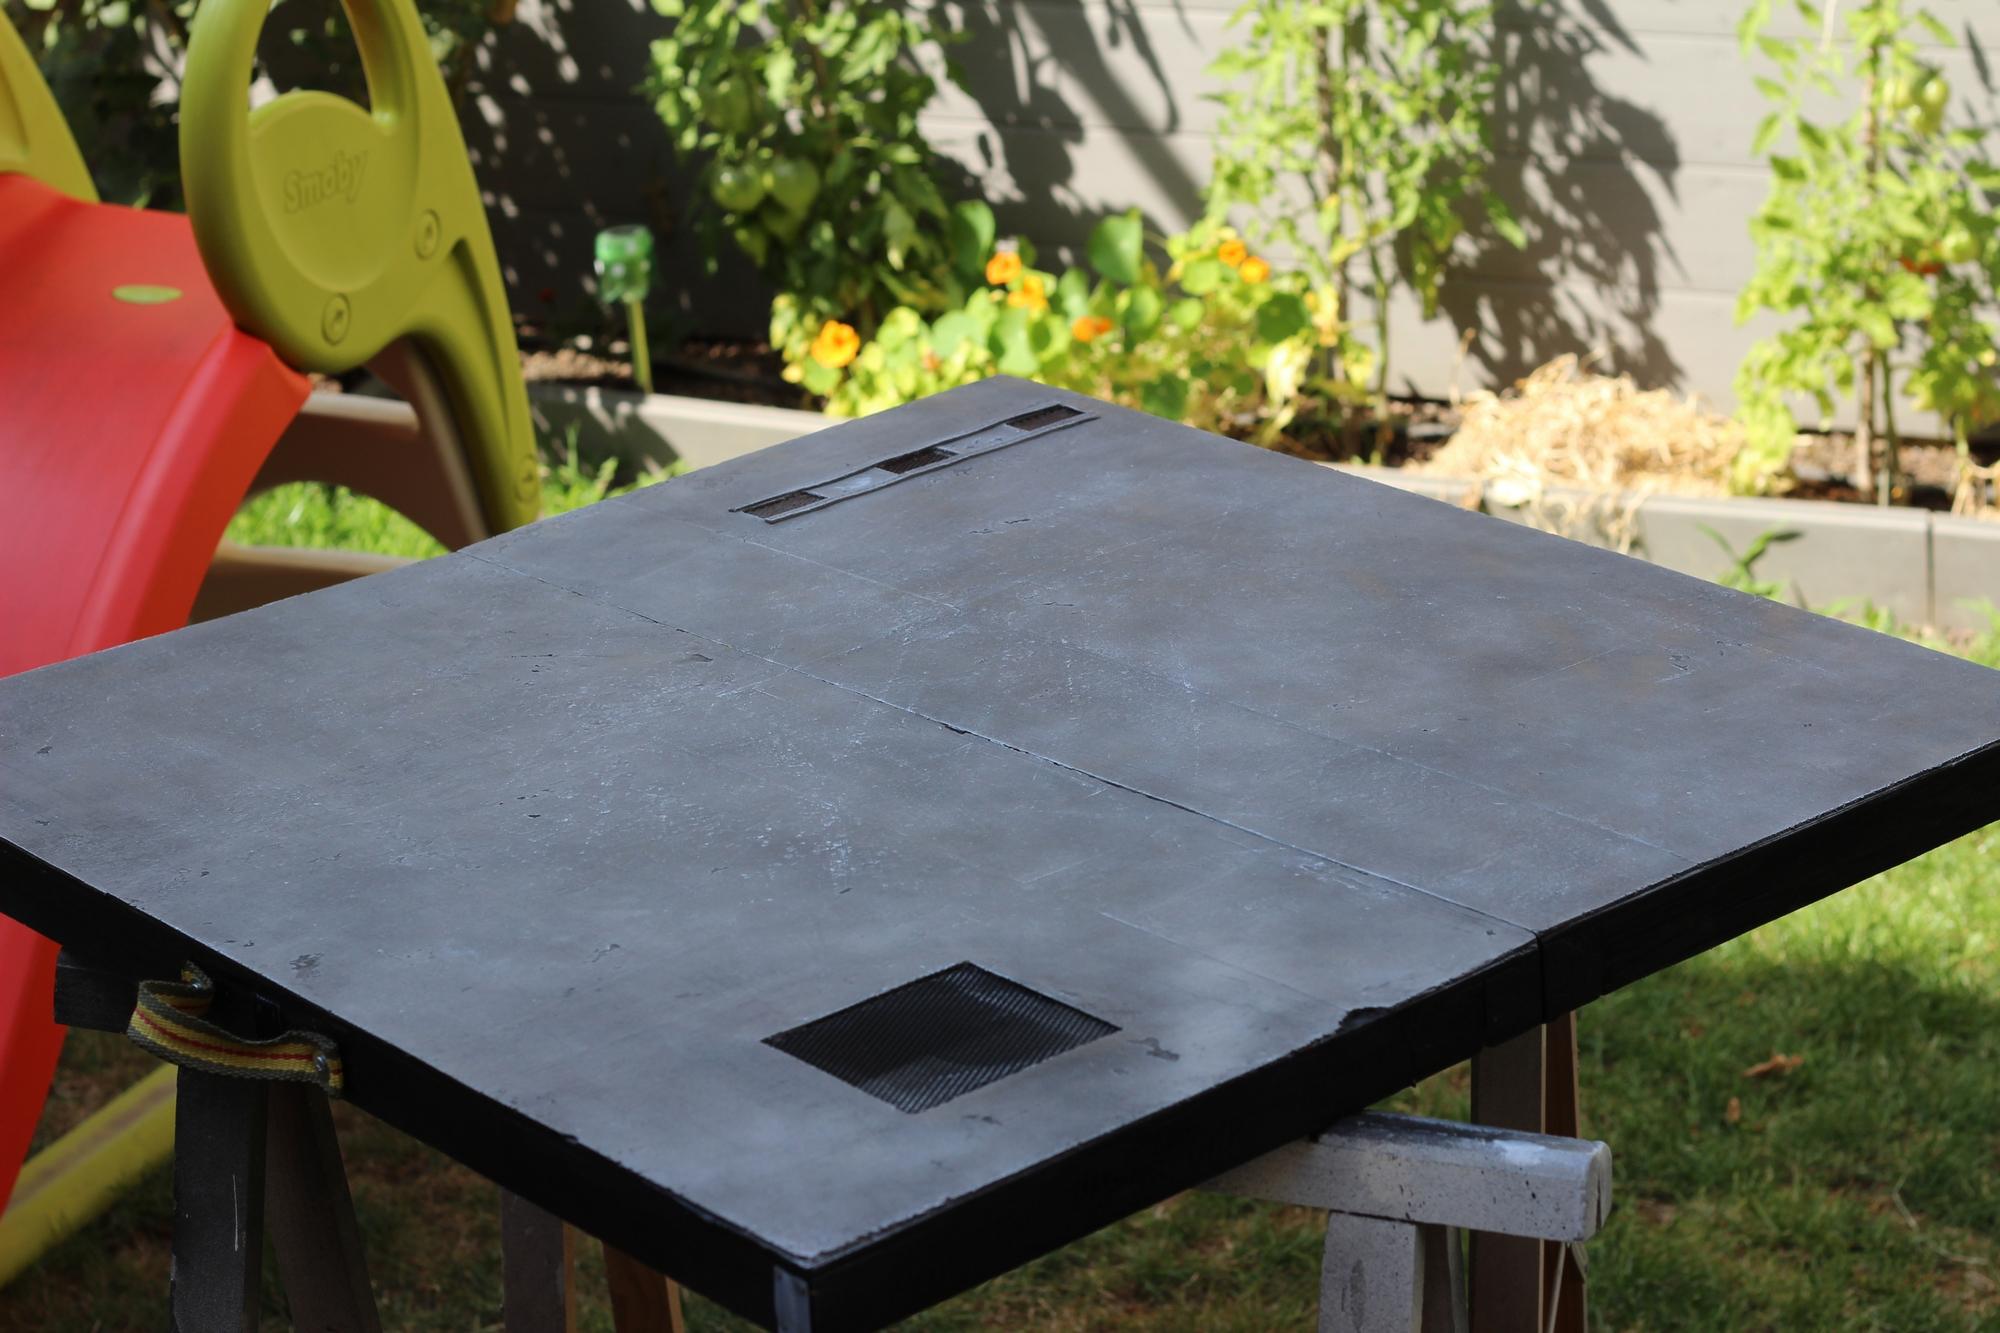 table modulable/portable petite escarmouche Img_7976-4fc10a9